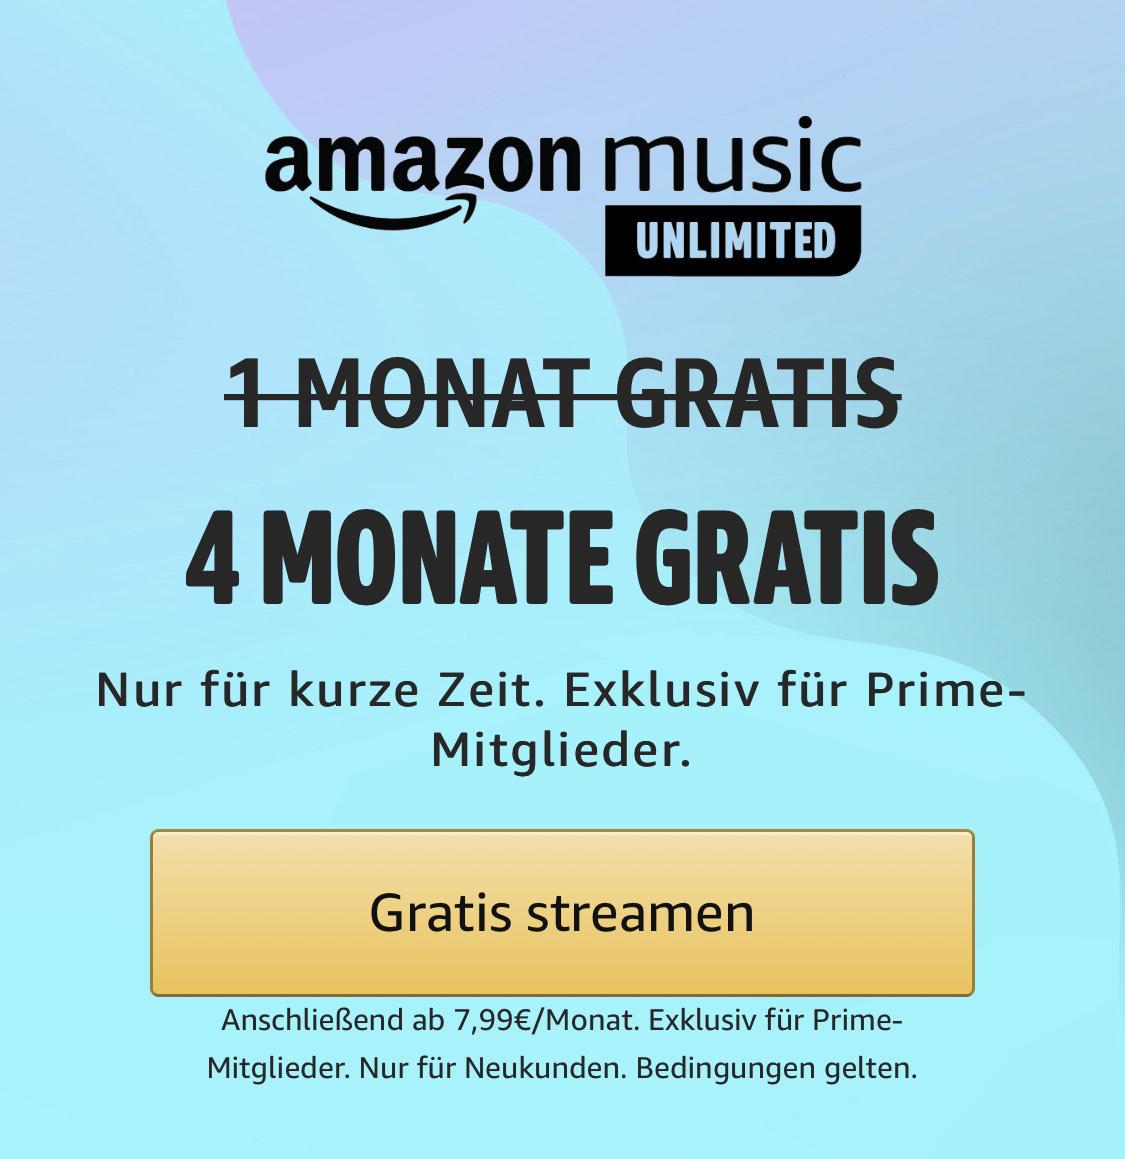 Neukunden: Amazon music unlimited 4 statt 1 Monat gratis